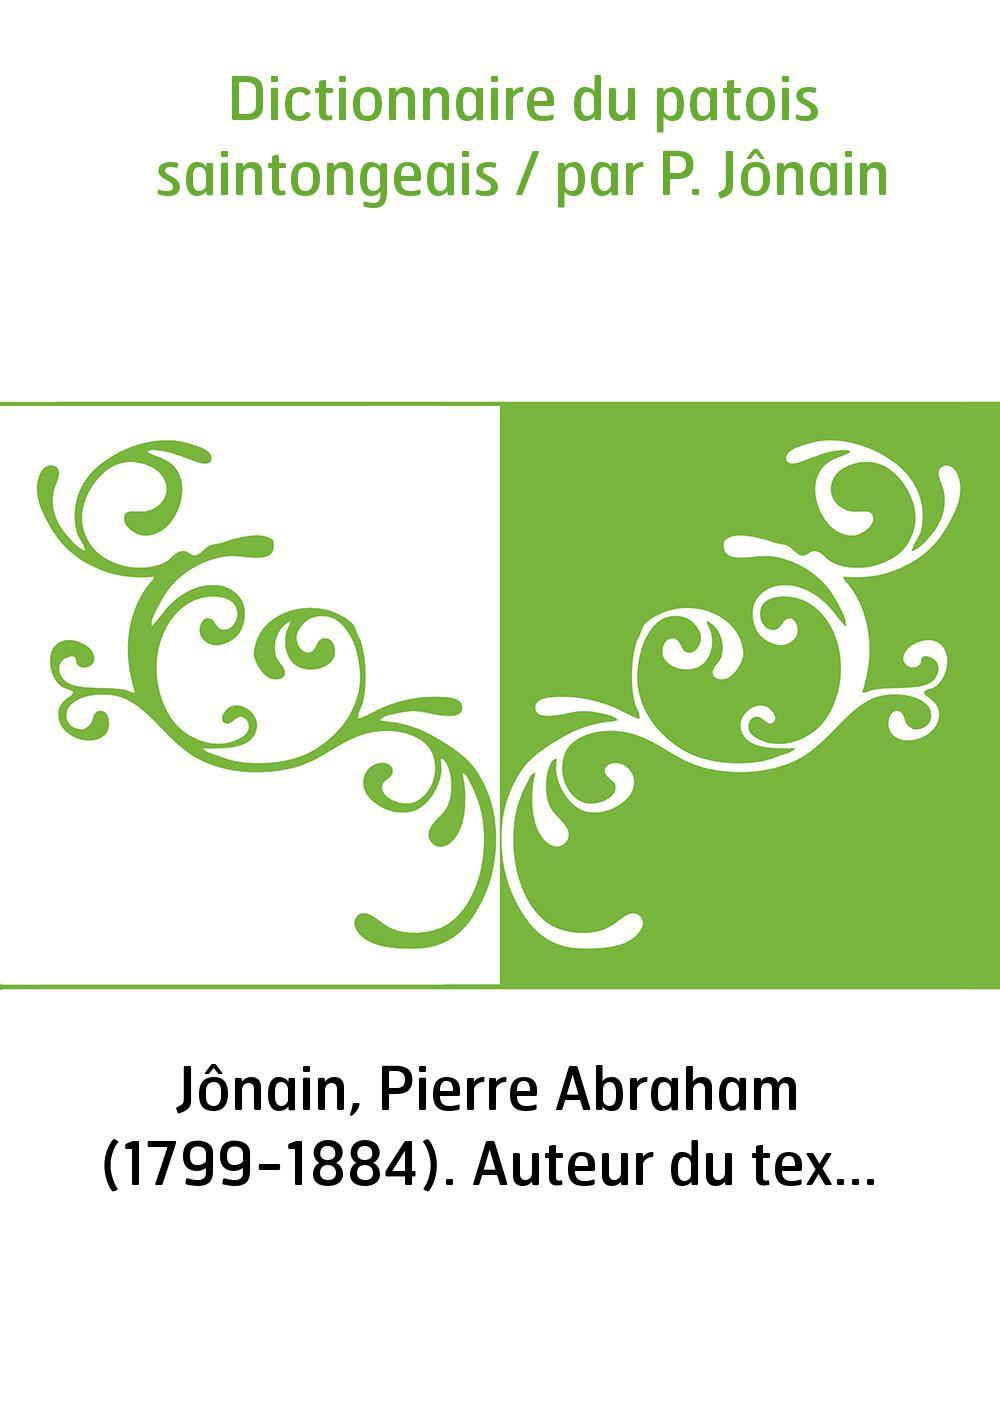 Dictionnaire du patois saintongeais / par P. Jônain